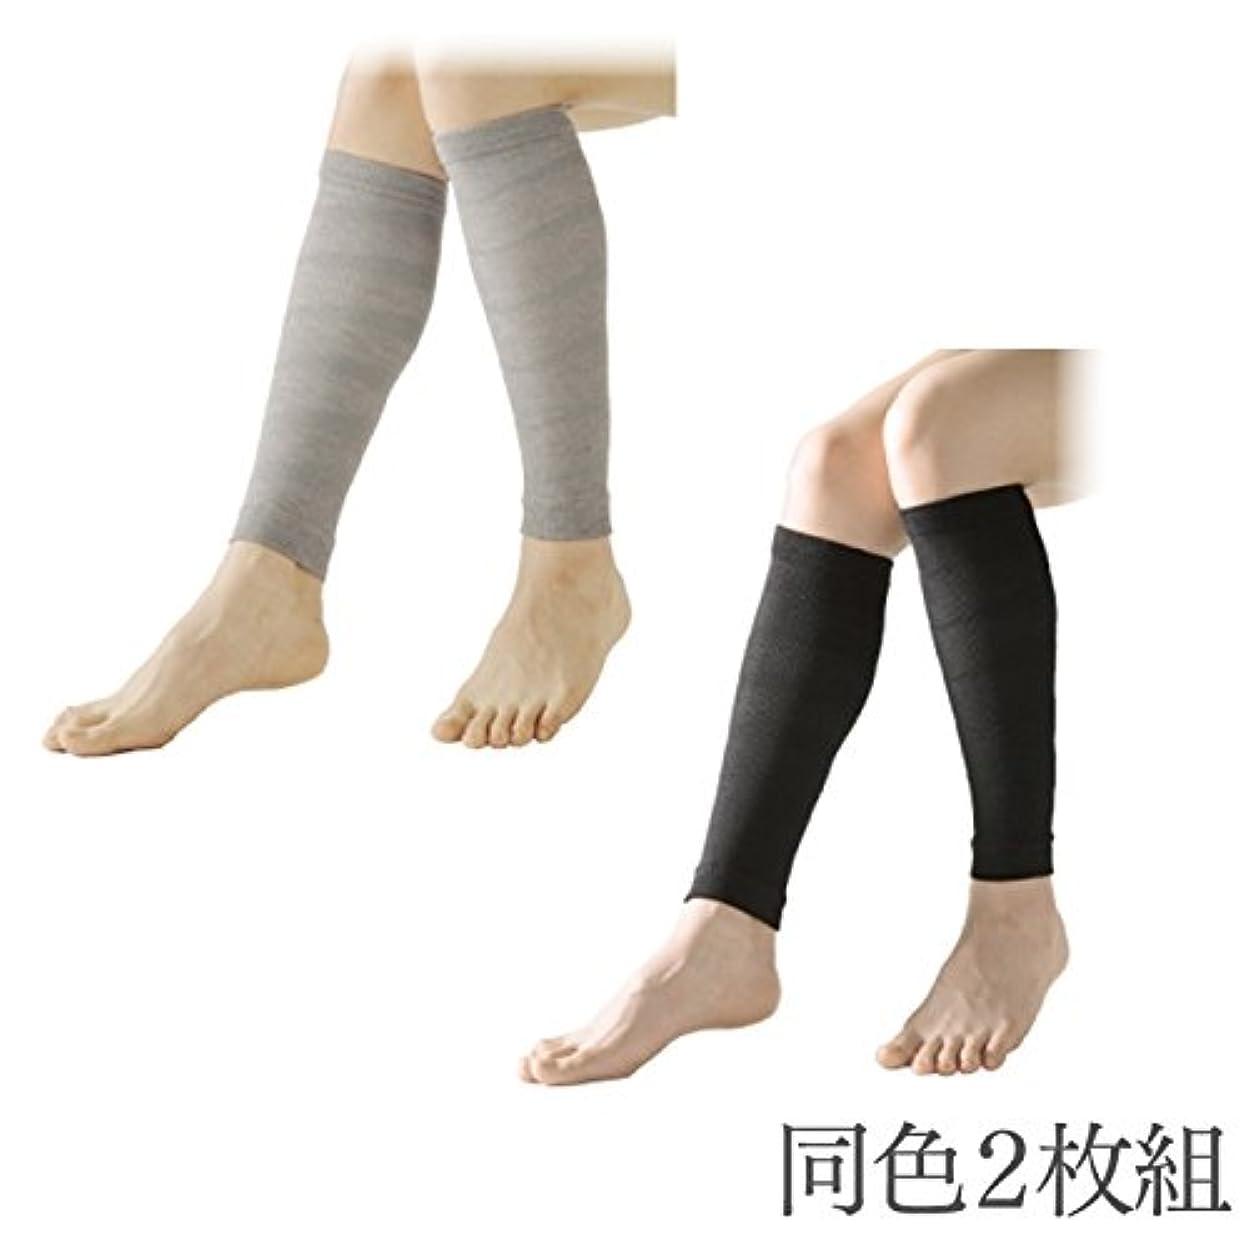 アブセイまだいっぱい着圧ソックス 足のむくみ 靴下 むくみ解消 着圧ふくらはぎサポーター 2枚組(グレー)